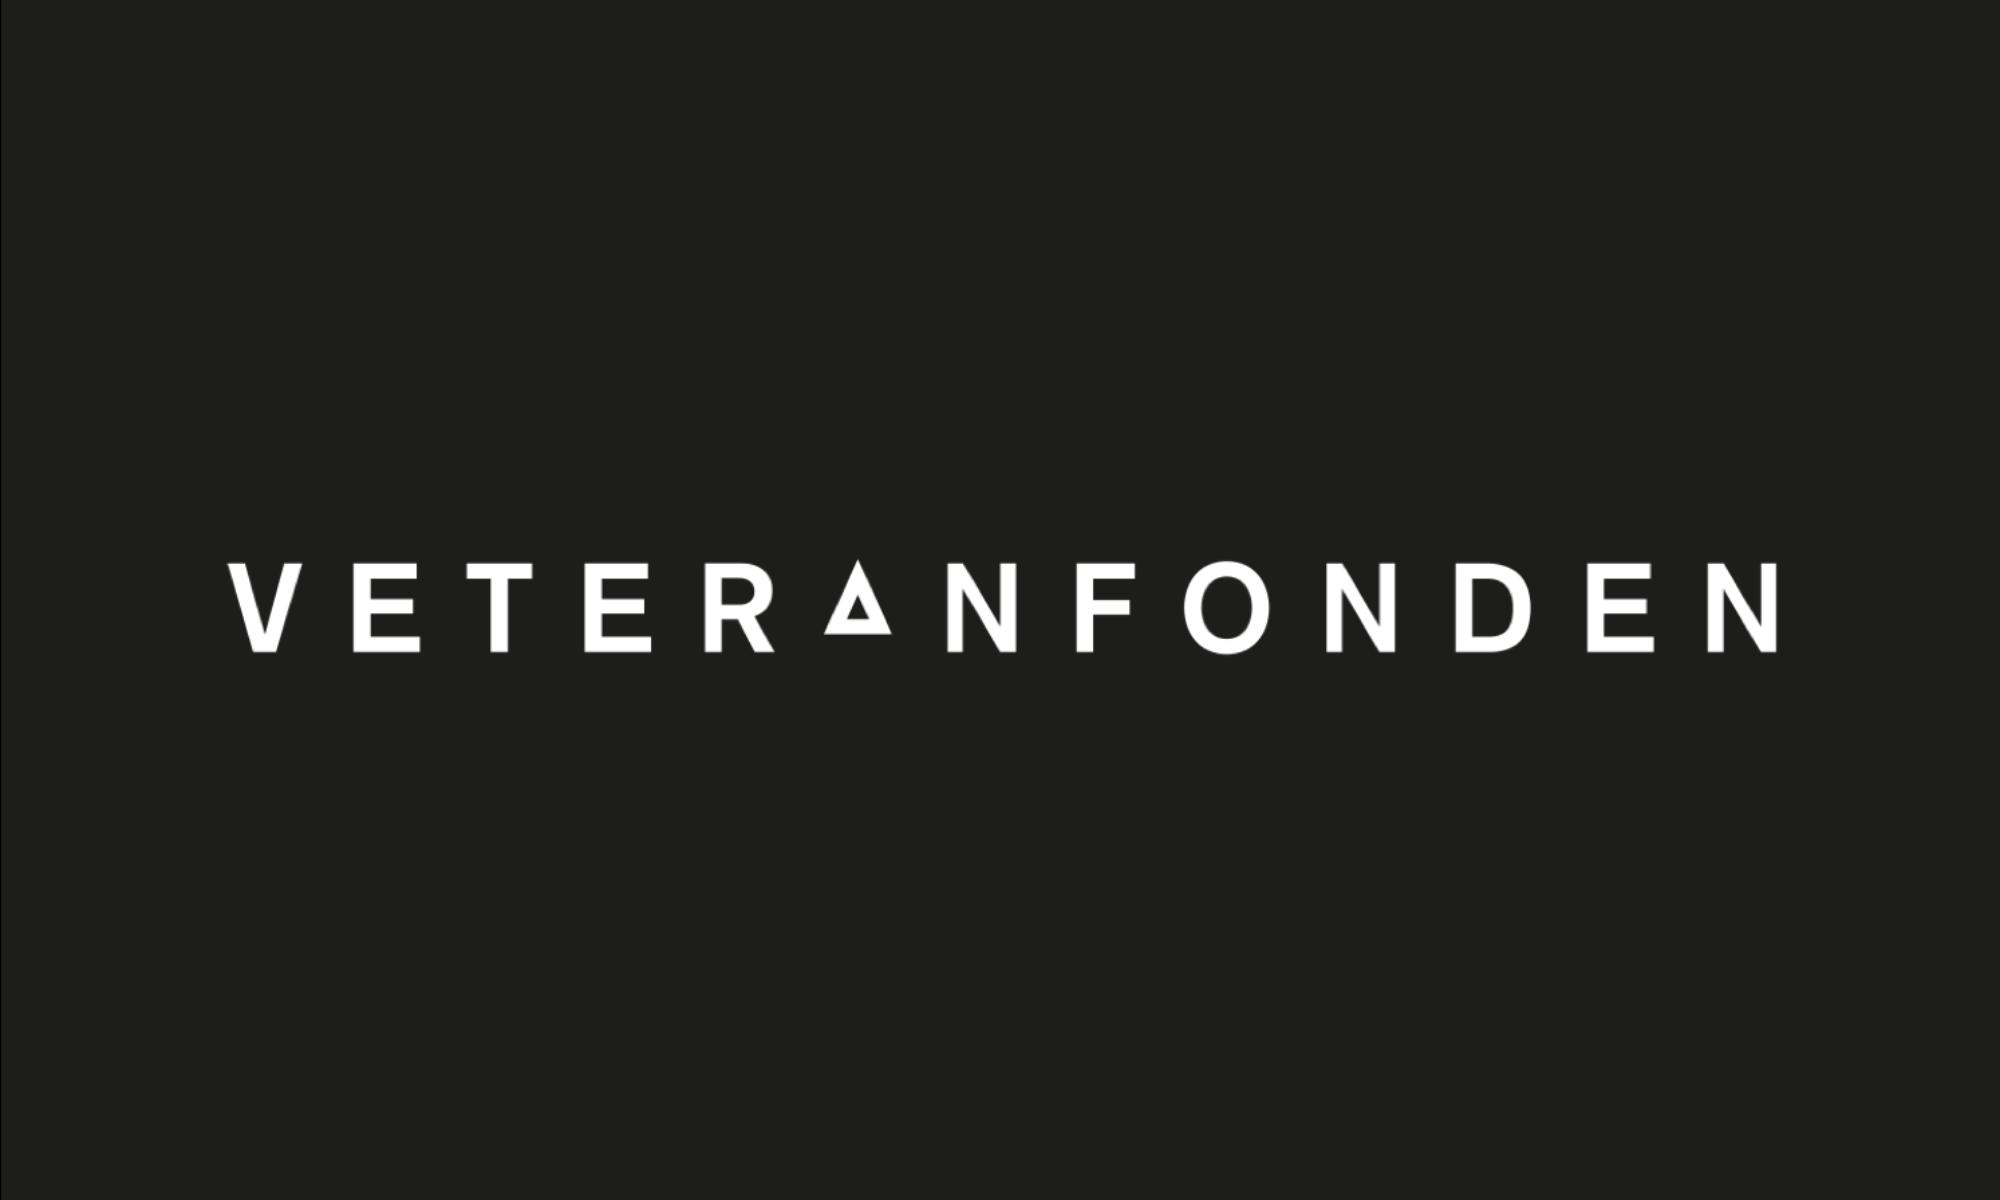 Veteranfonden